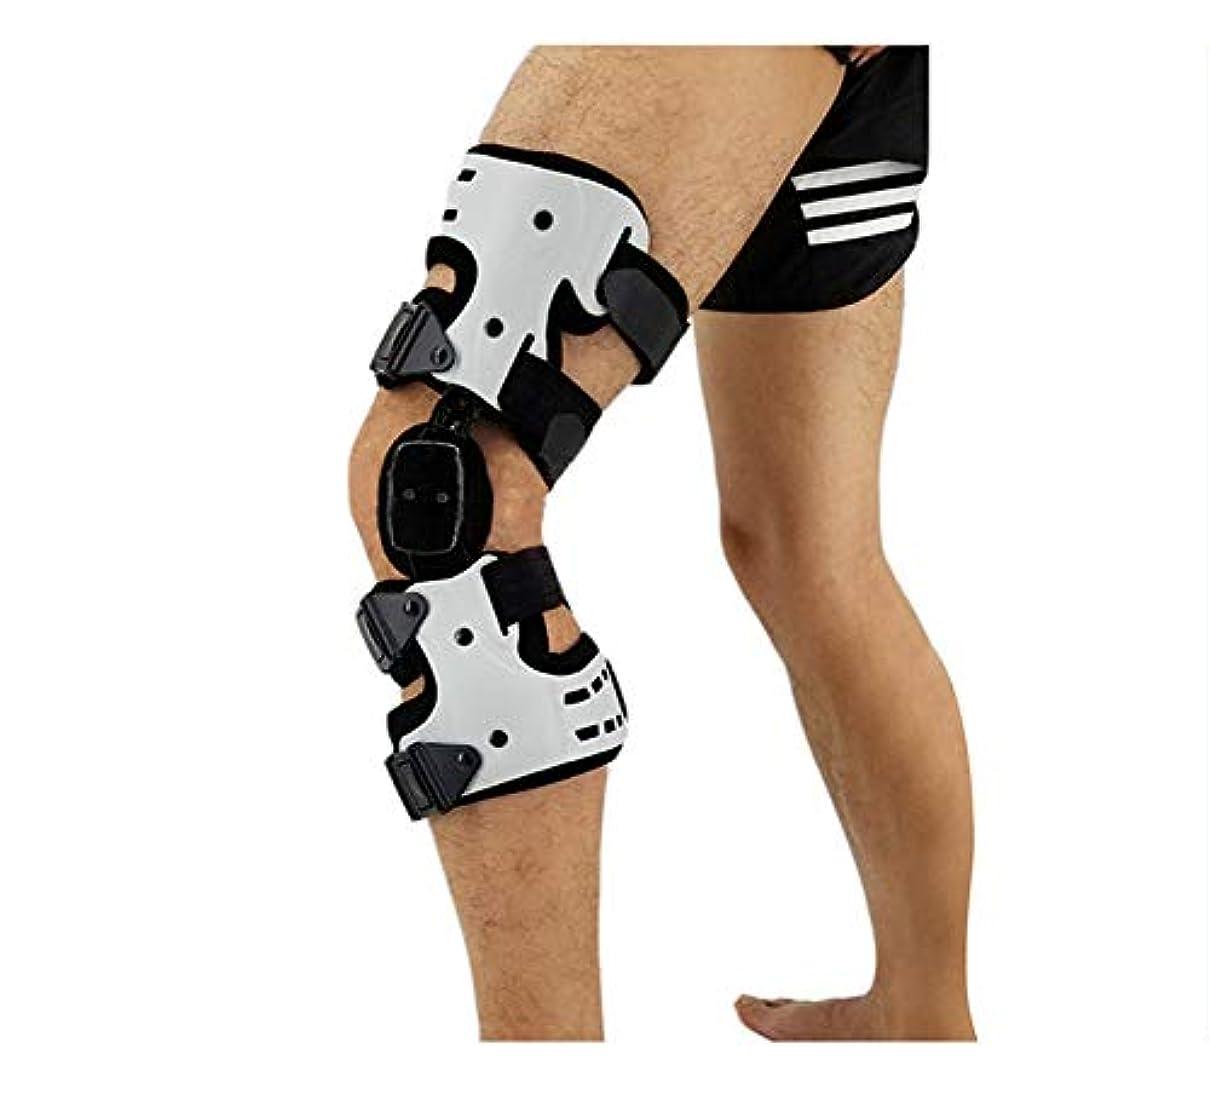 良心的ケーブルカー靴OA Unloader Knee Brace for Arthritis Pain、変形性関節症、膝関節の痛みと変性、ユニバーサルサイズ、右内側,Right